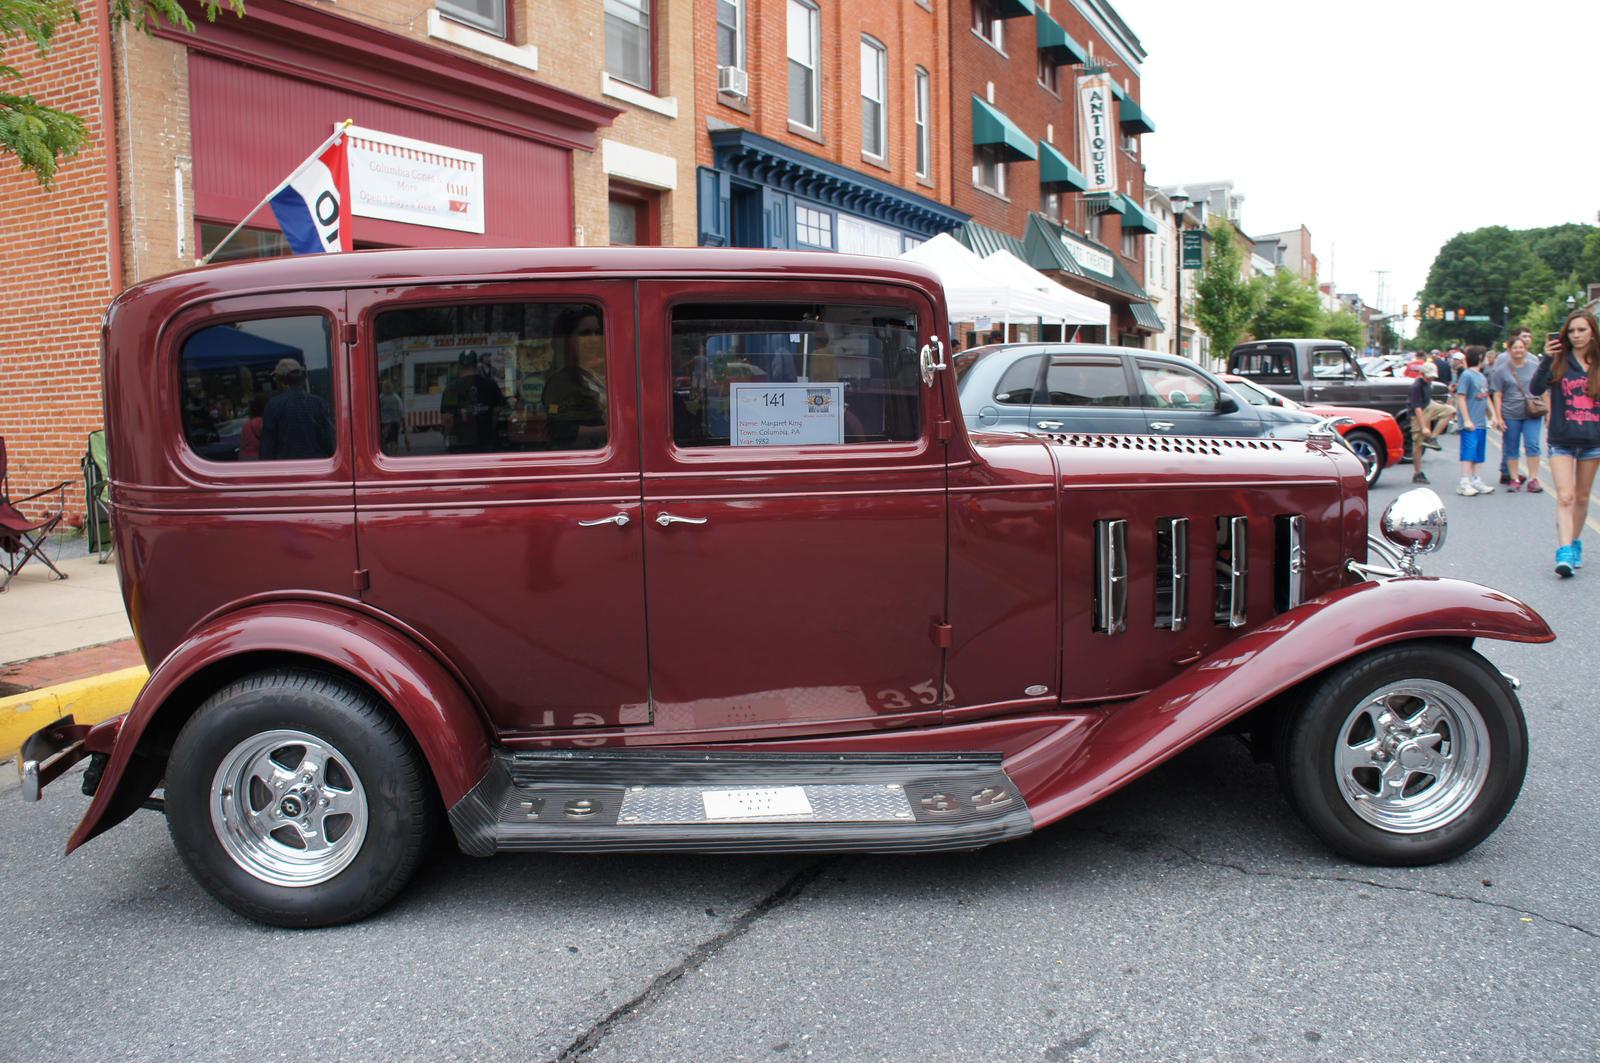 1932 chevy 2 door autos post for 1932 chevy 2 door sedan